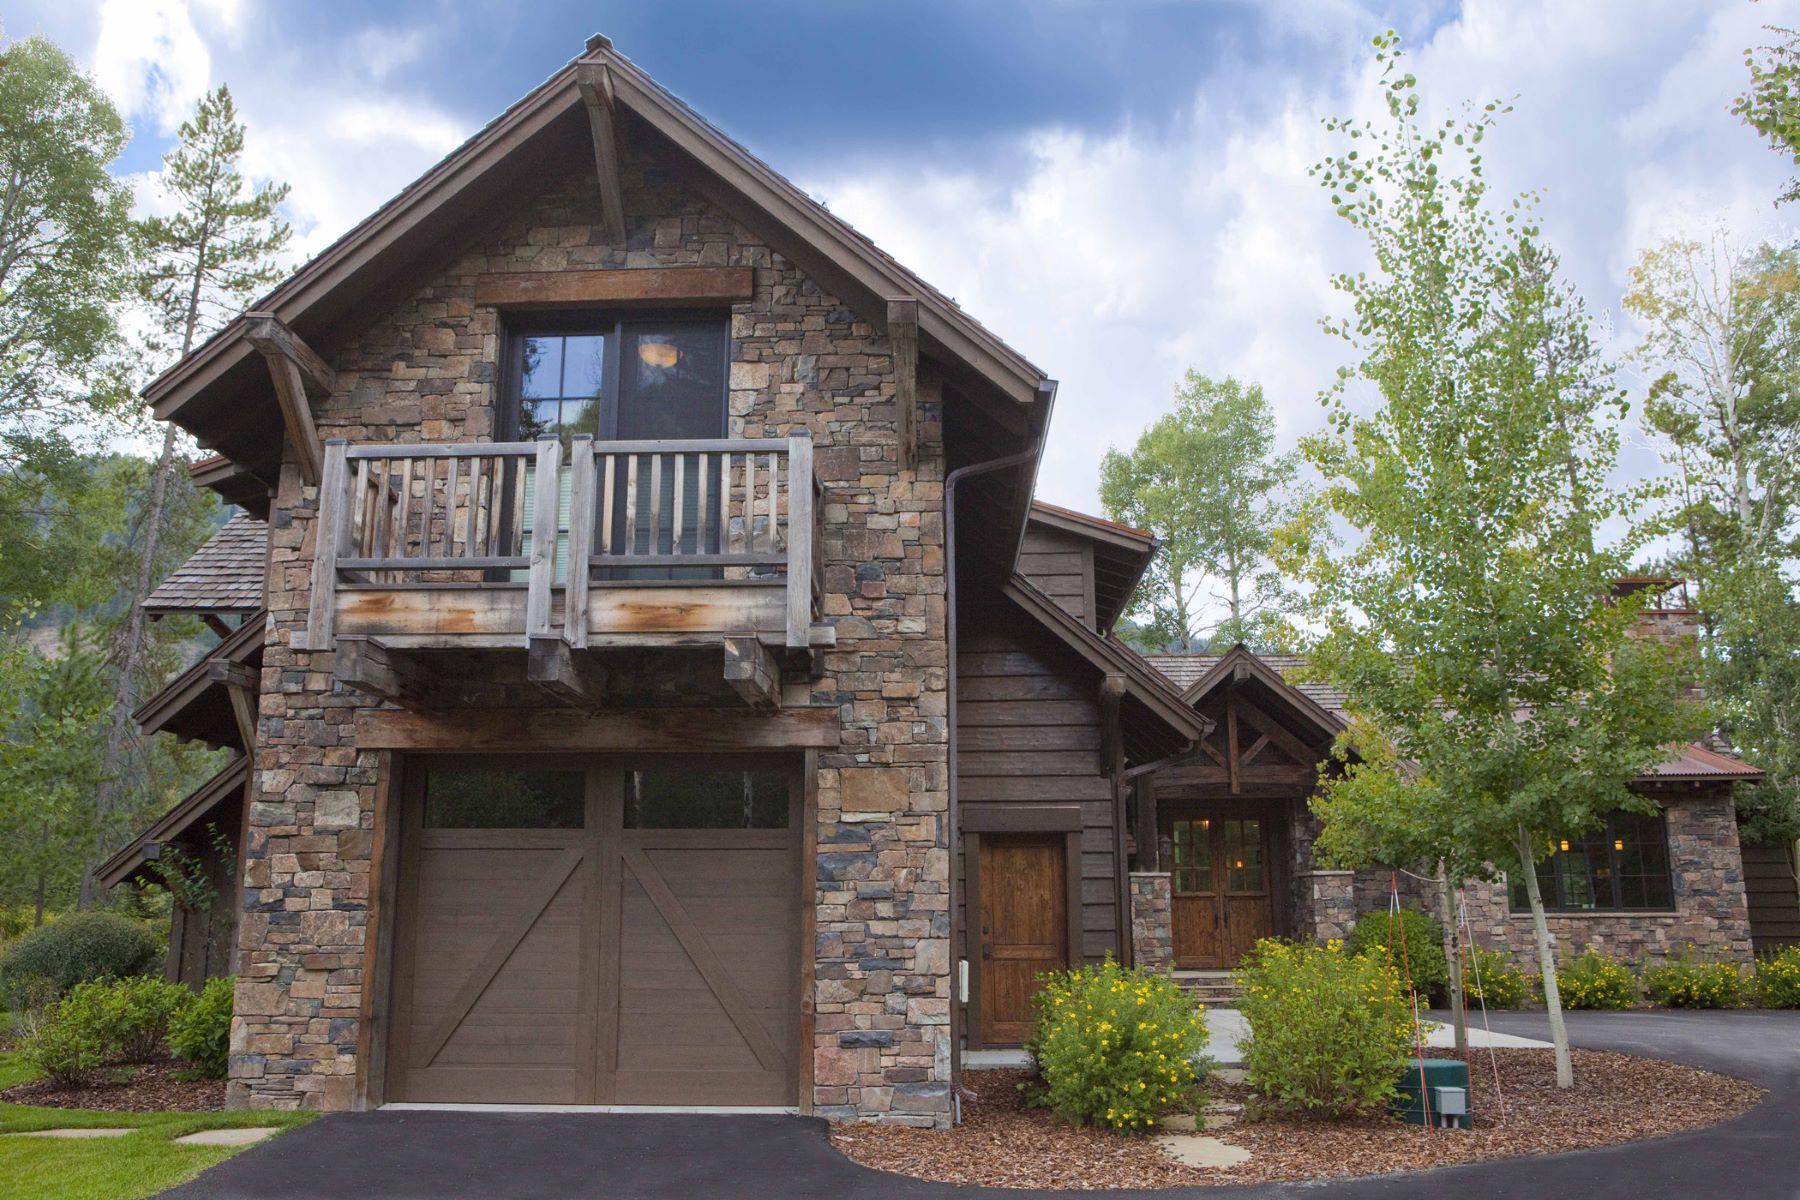 Maison unifamiliale pour l Vente à Fairway Away from the Snake River 15135 MARTIN CREEK RD Jackson, Wyoming, 83001 Jackson Hole, États-Unis